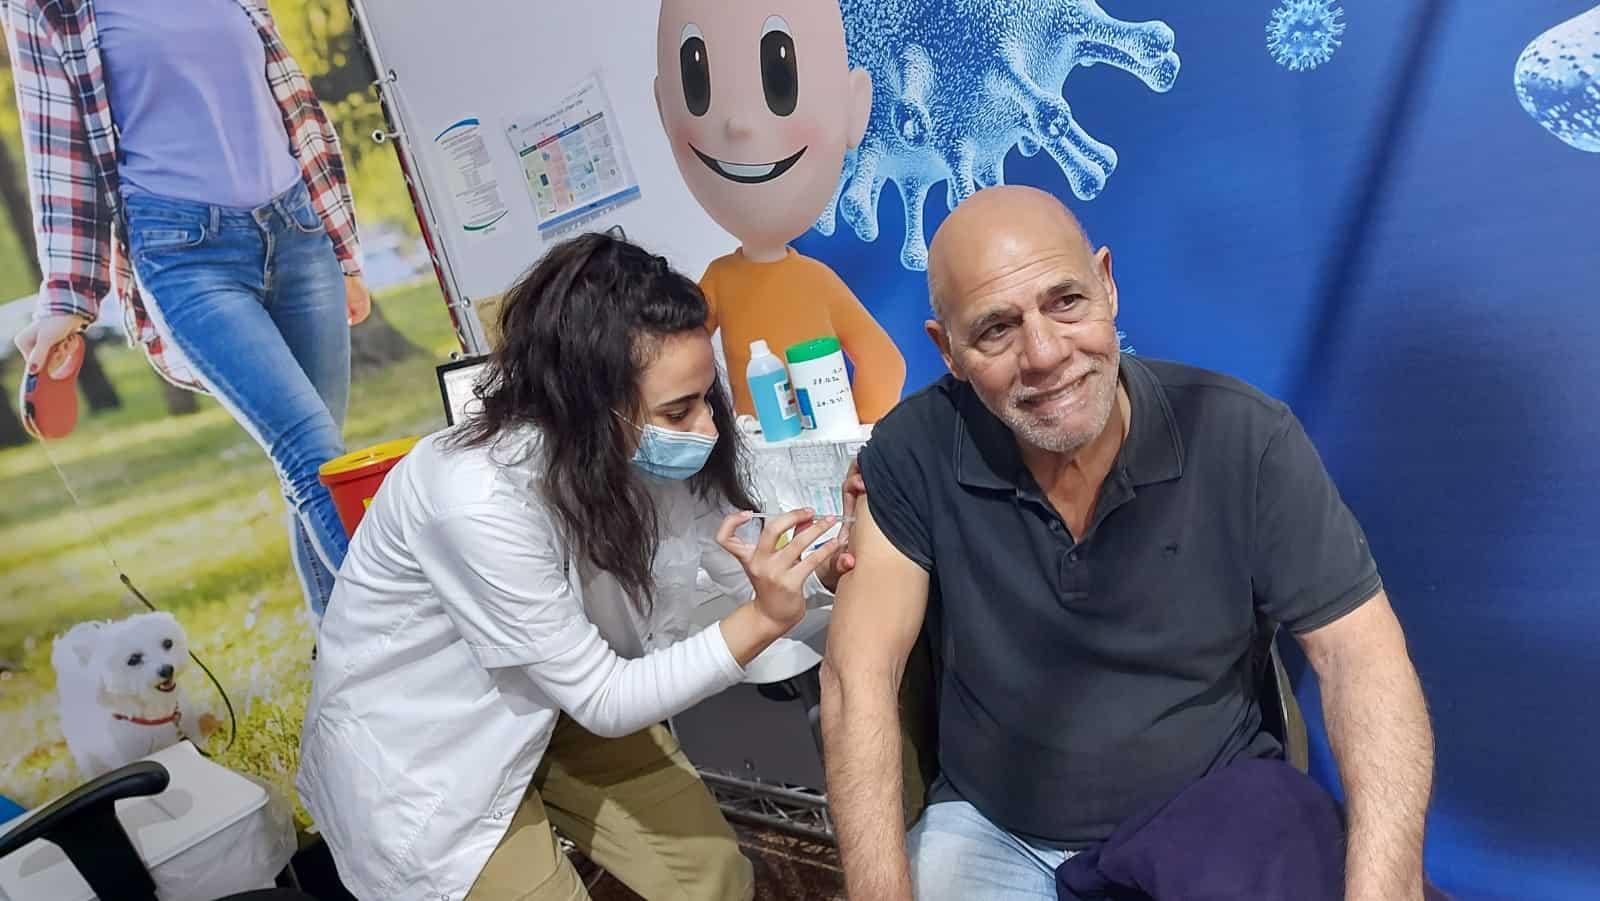 השחקן אורי גבריאל מתחסן במתחם חיסוני הקורונה בבית הצנחן, מוקדם יותר השנה. קרדיט: דוברות כללית